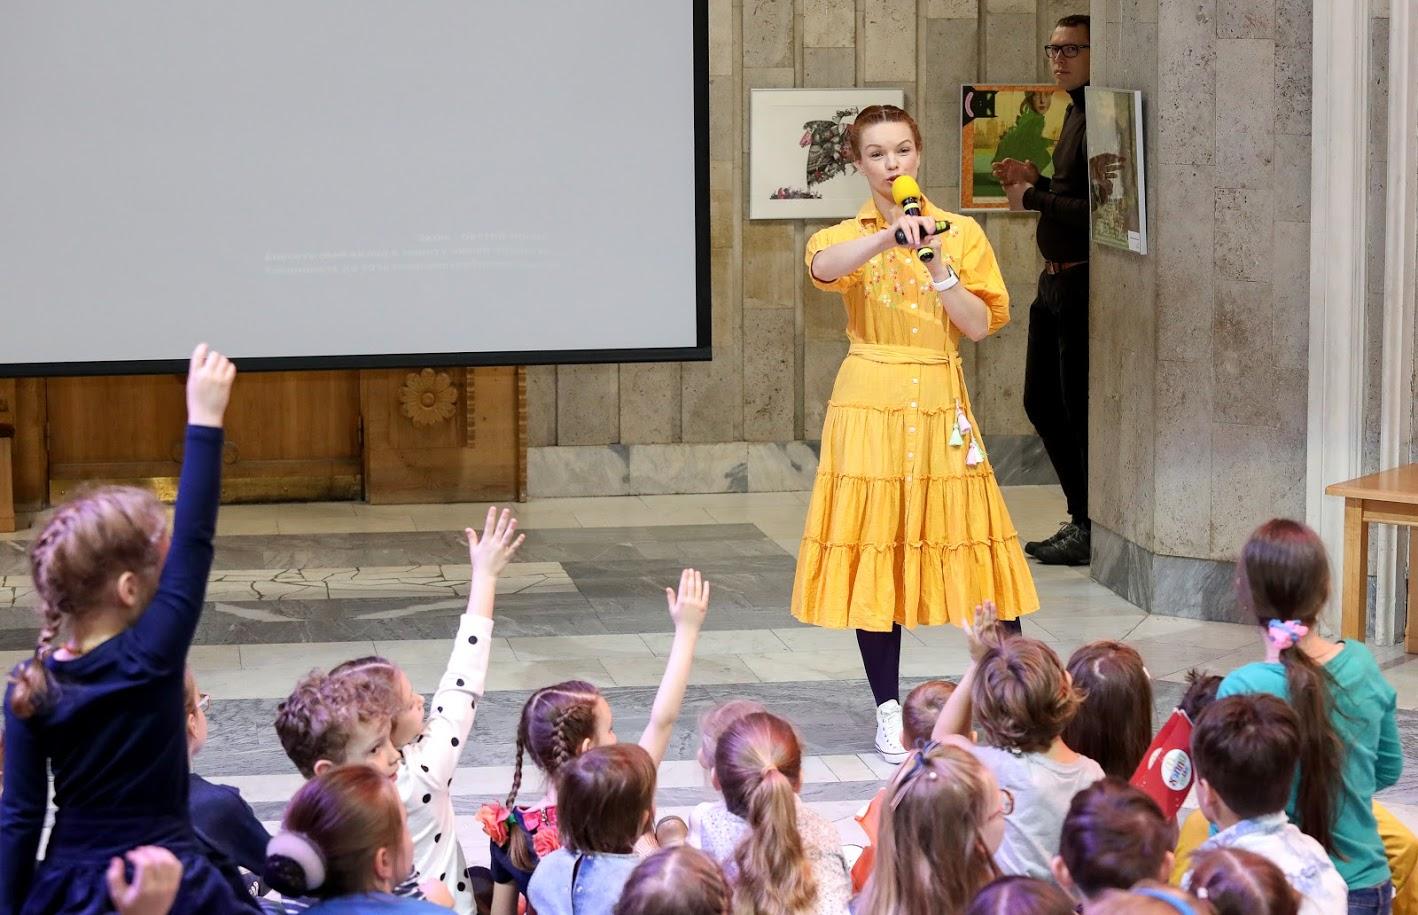 """События """" Библионочи """" в Российской государственной детской библиотеке посетили 2 пятьсот человек"""